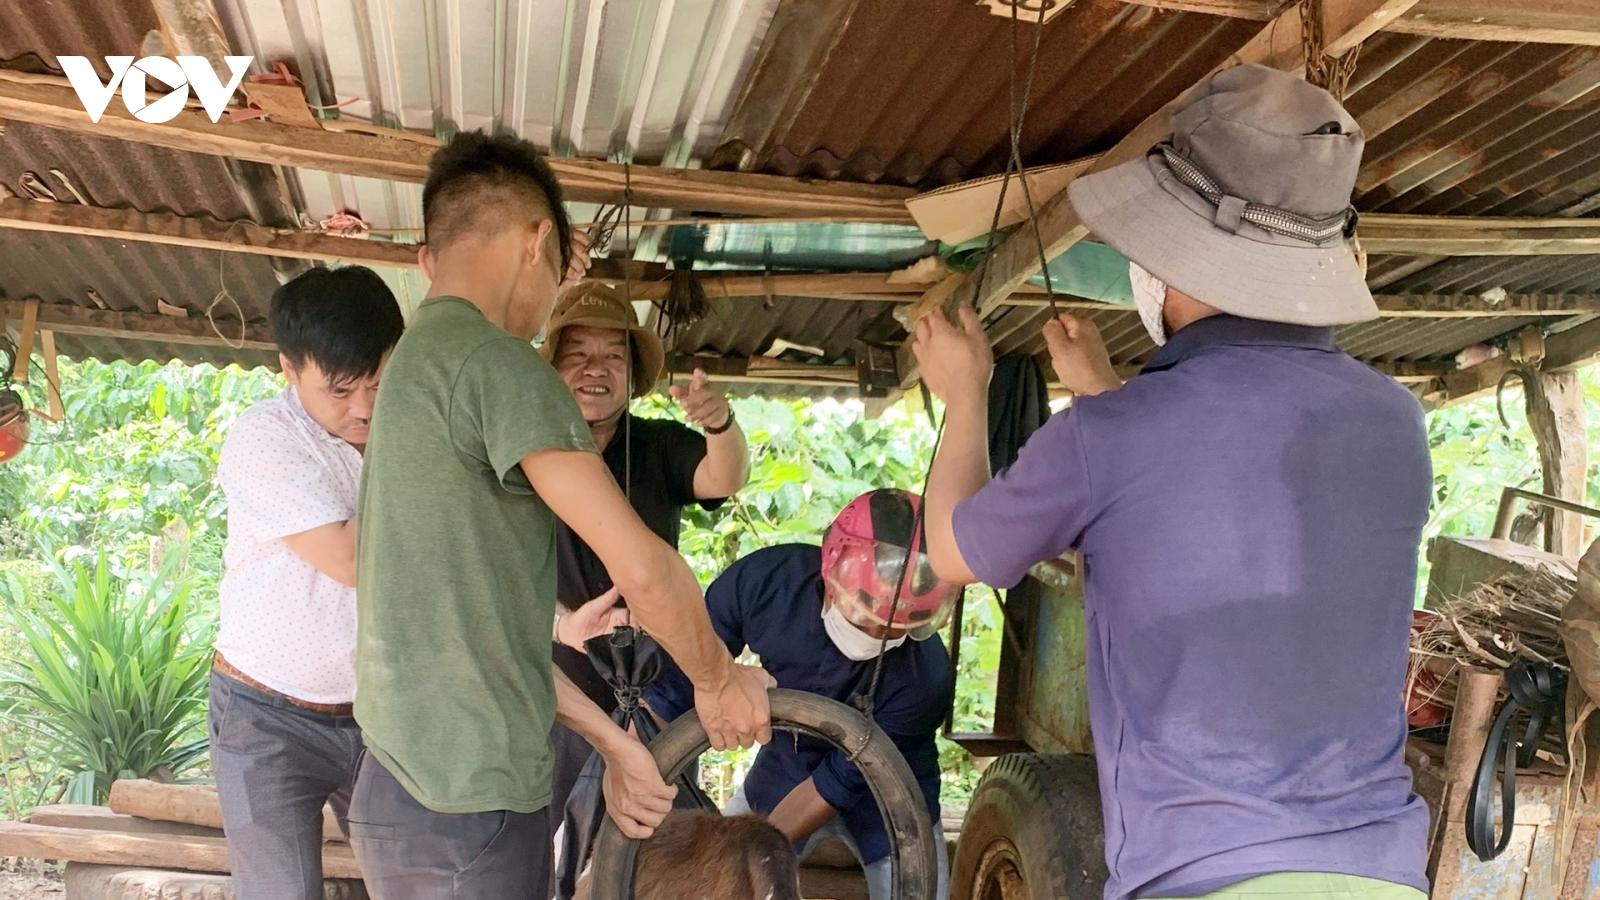 Dịch viêm da nổi cục trên trâu bò nguy cơ lan rộng ở Gia Lai